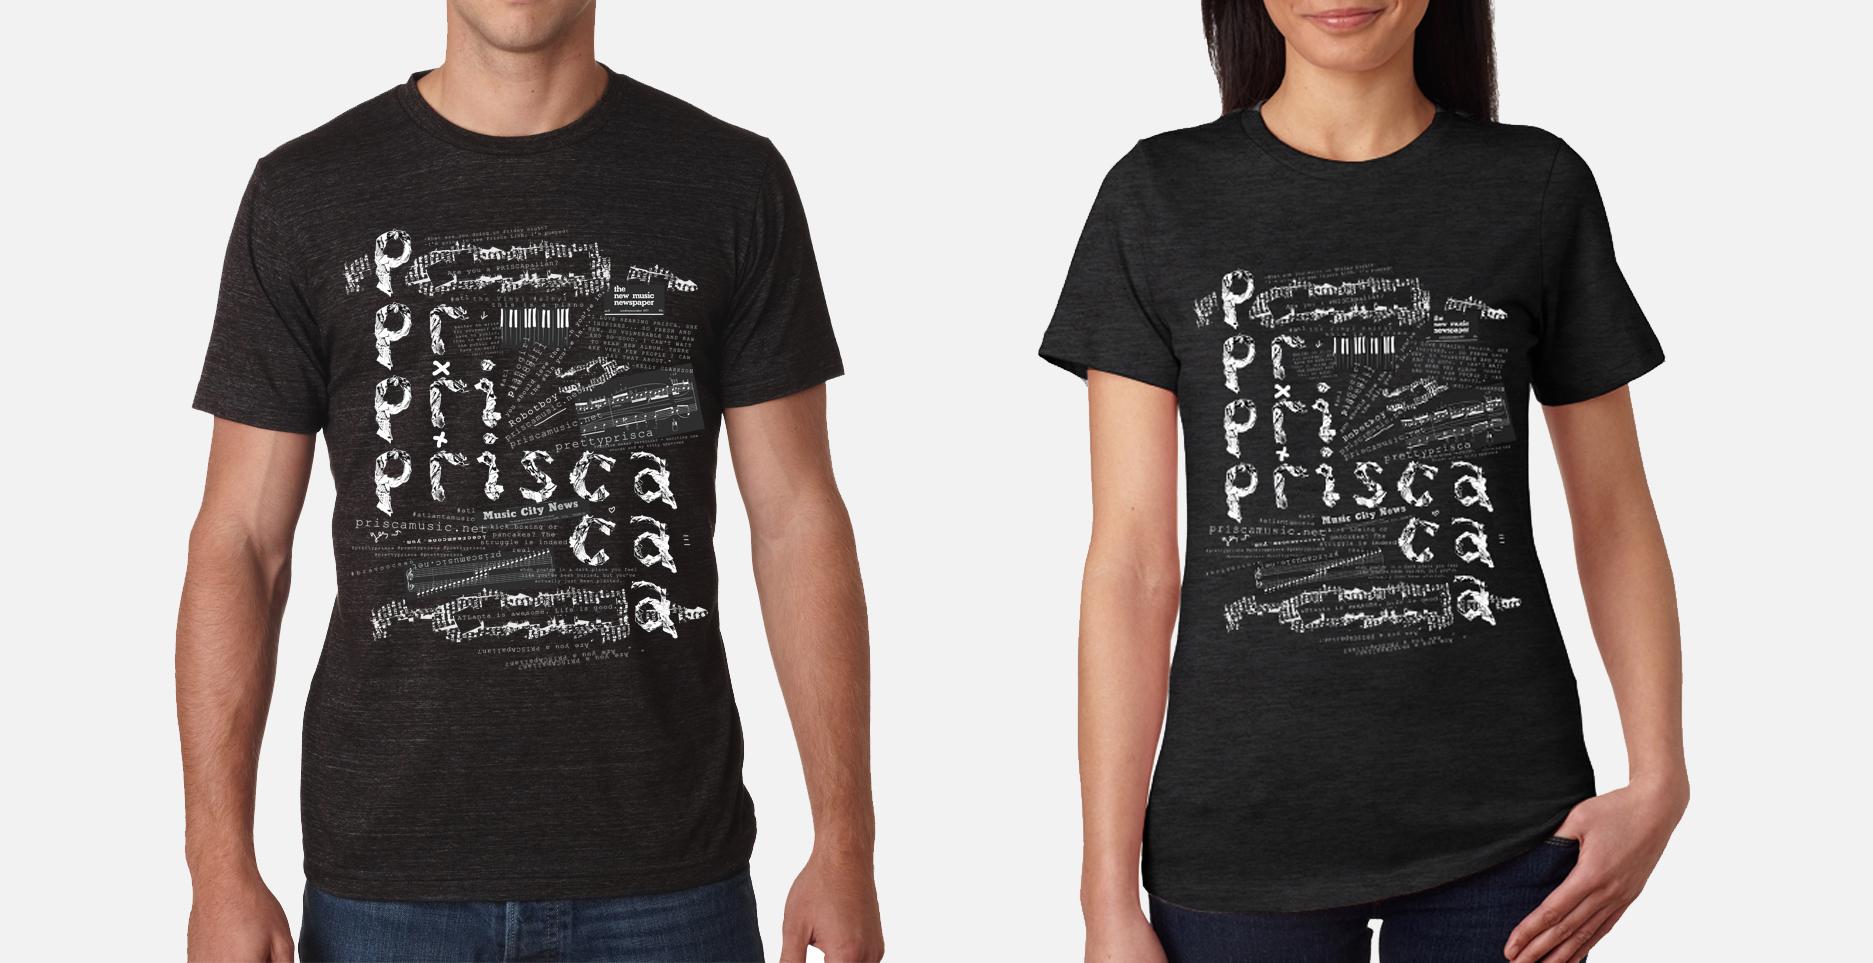 Prisca Tshirts.jpg